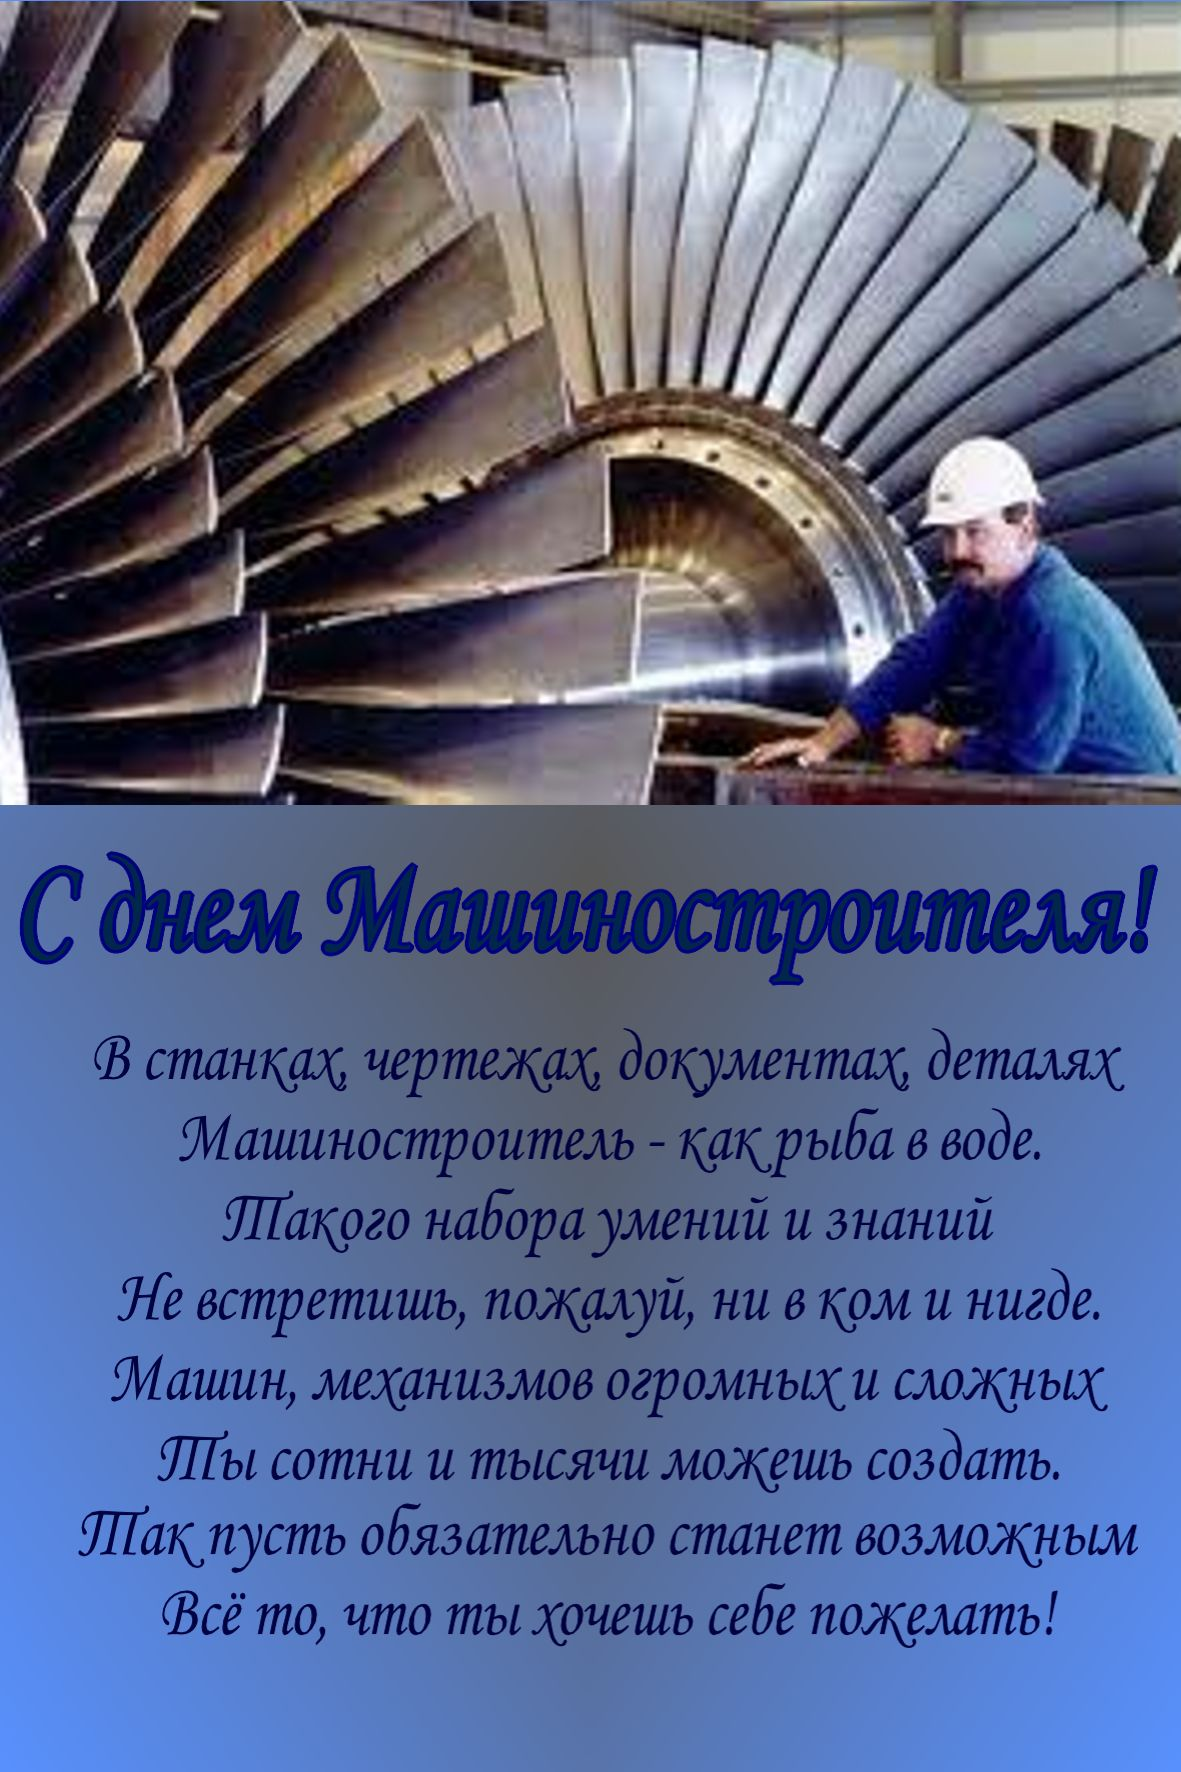 поздравления в день машиностроения